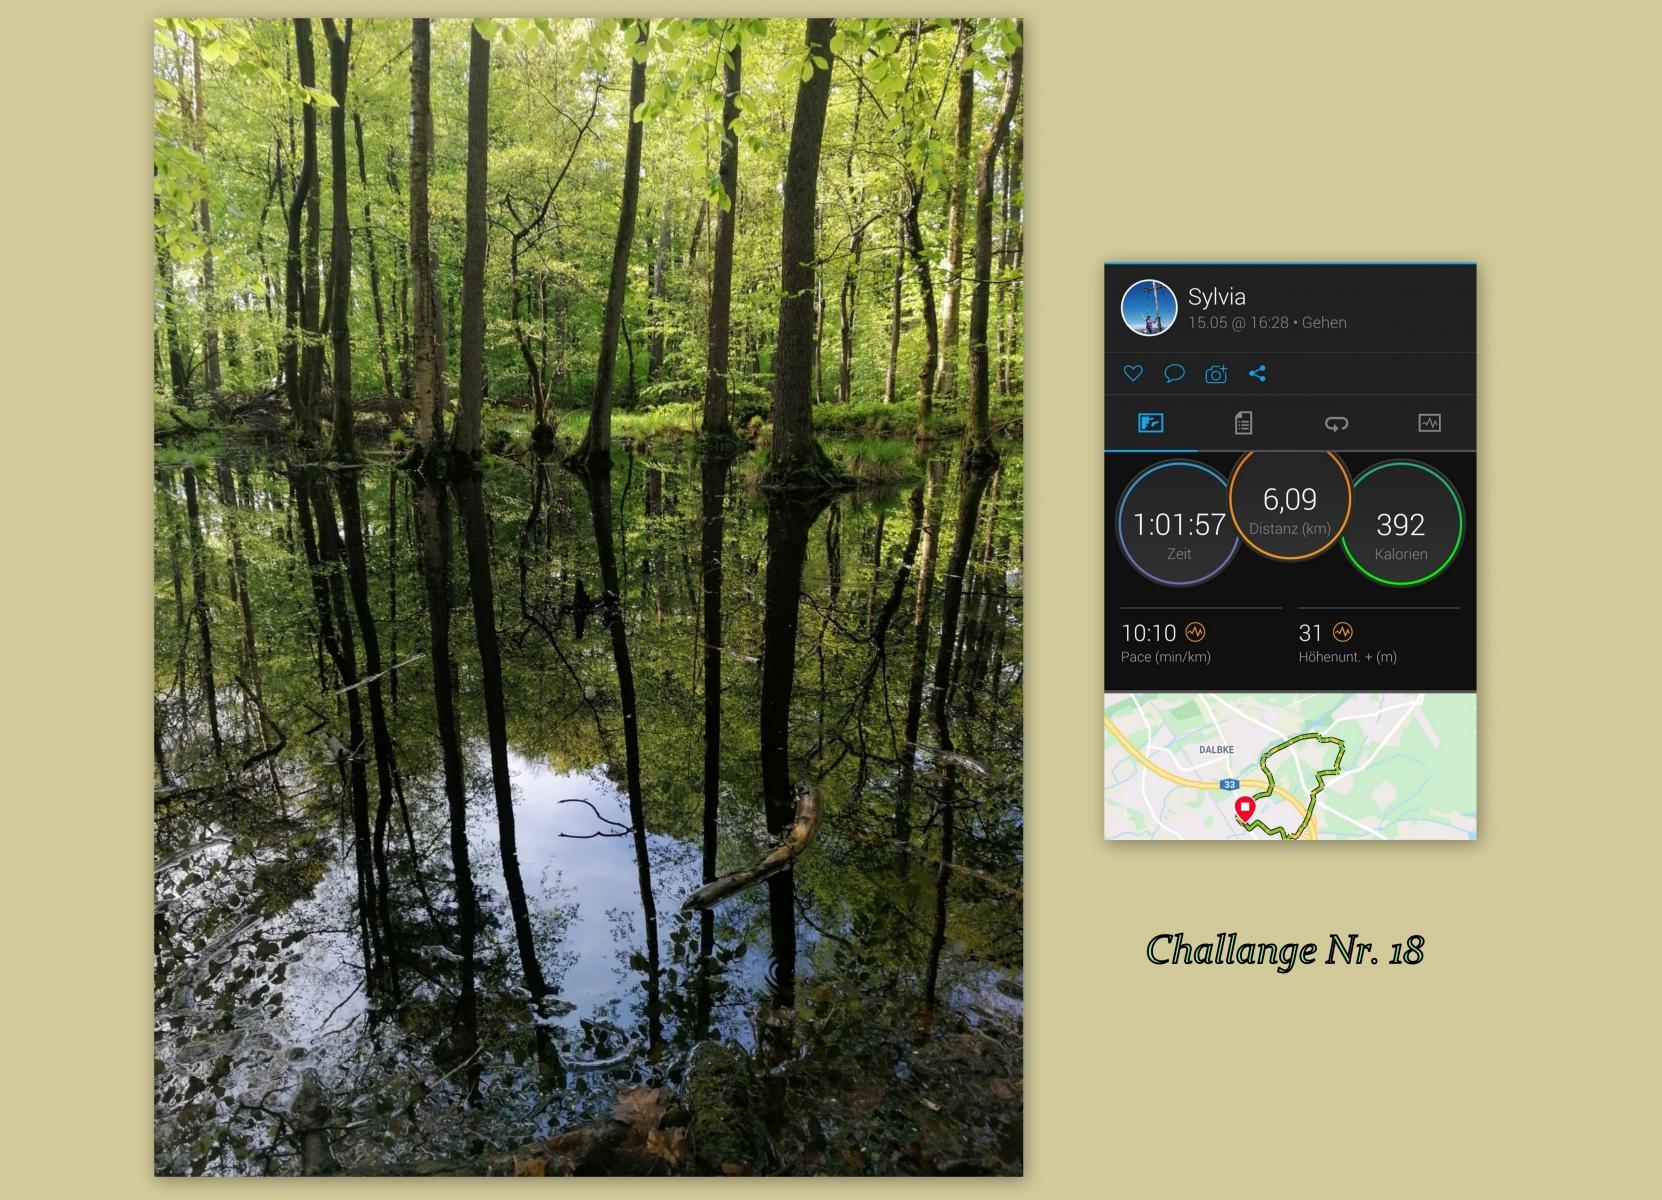 Kuemmel-Sylvia-18-Challenge-Stundenlauf-MniH6